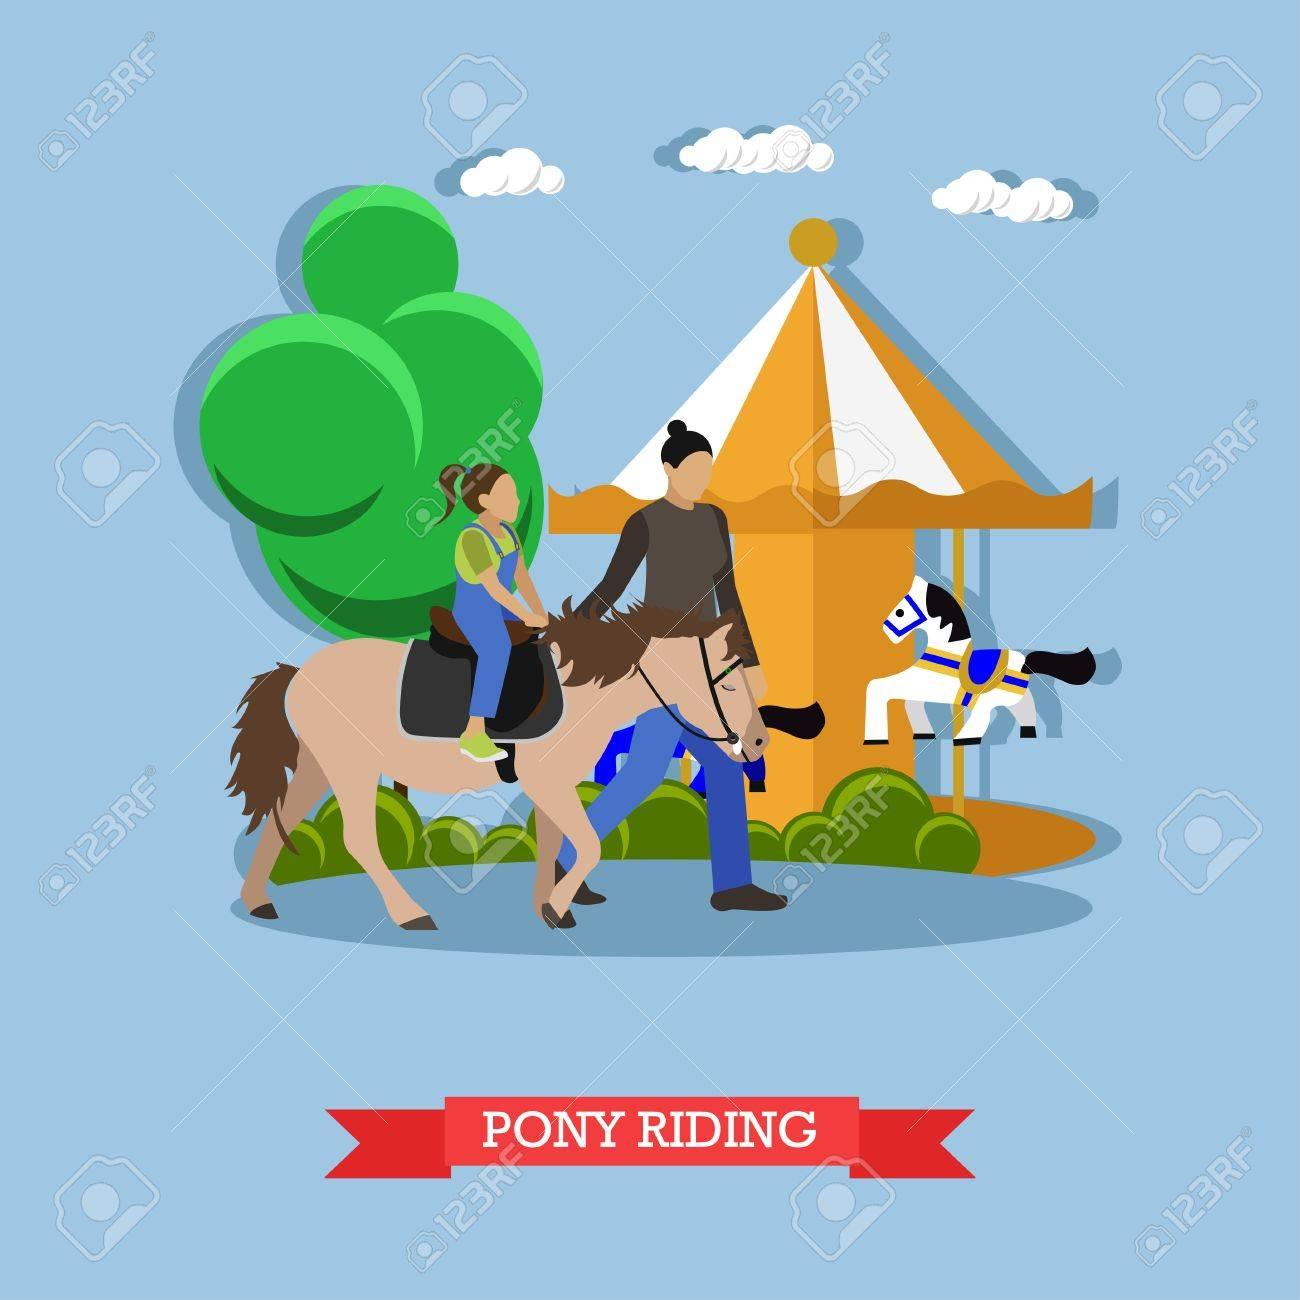 Hostler Lehrt Kinder Pony Am Vergnügungspark Zu Reiten Hinter Ihnen